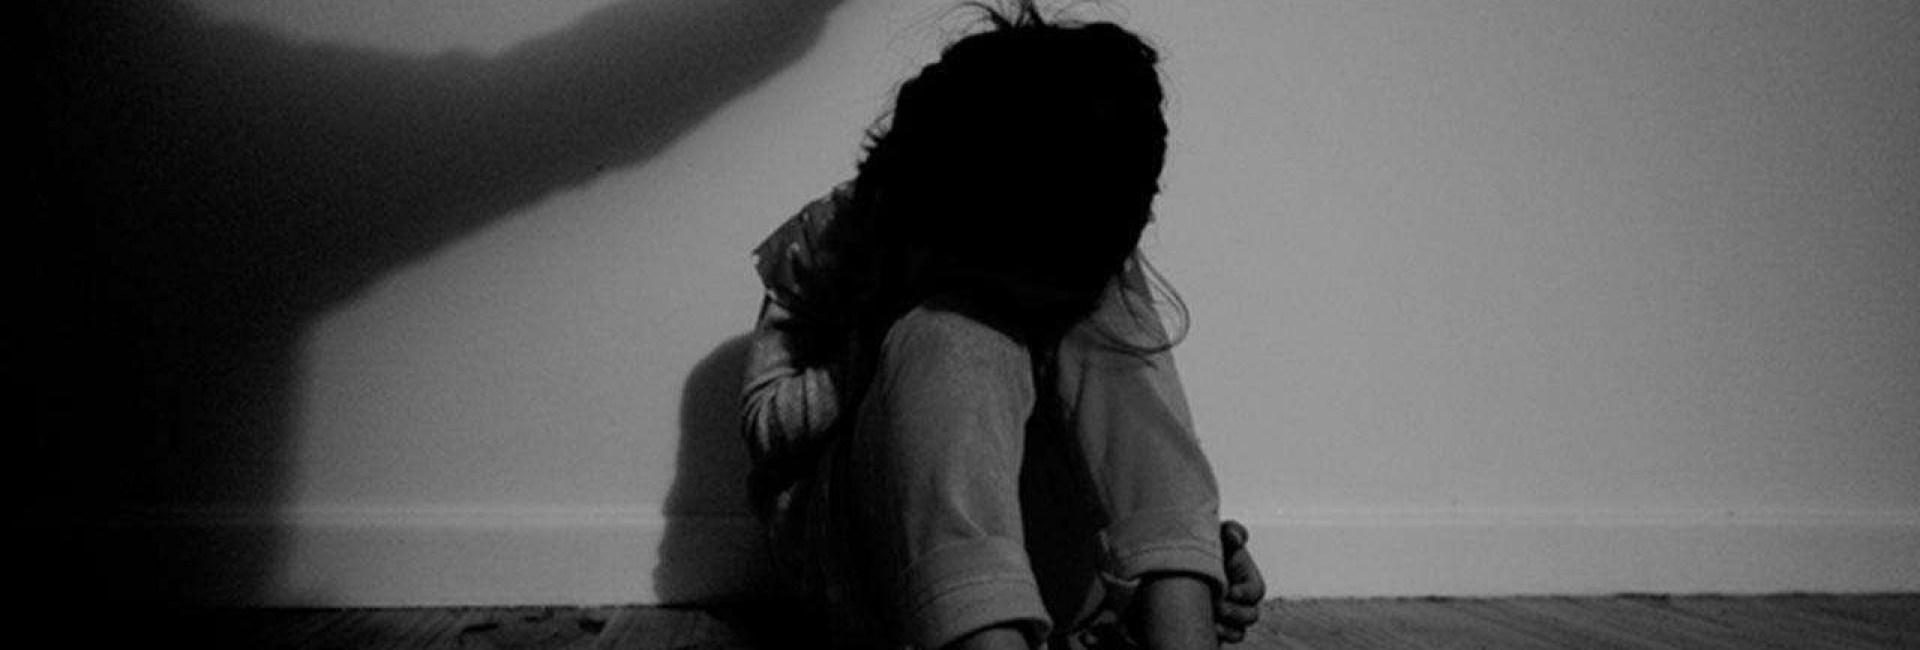 Συνεπιμέλεια: Ο κίνδυνος για αμετάκλητη… θυματοποίηση των παιδιών